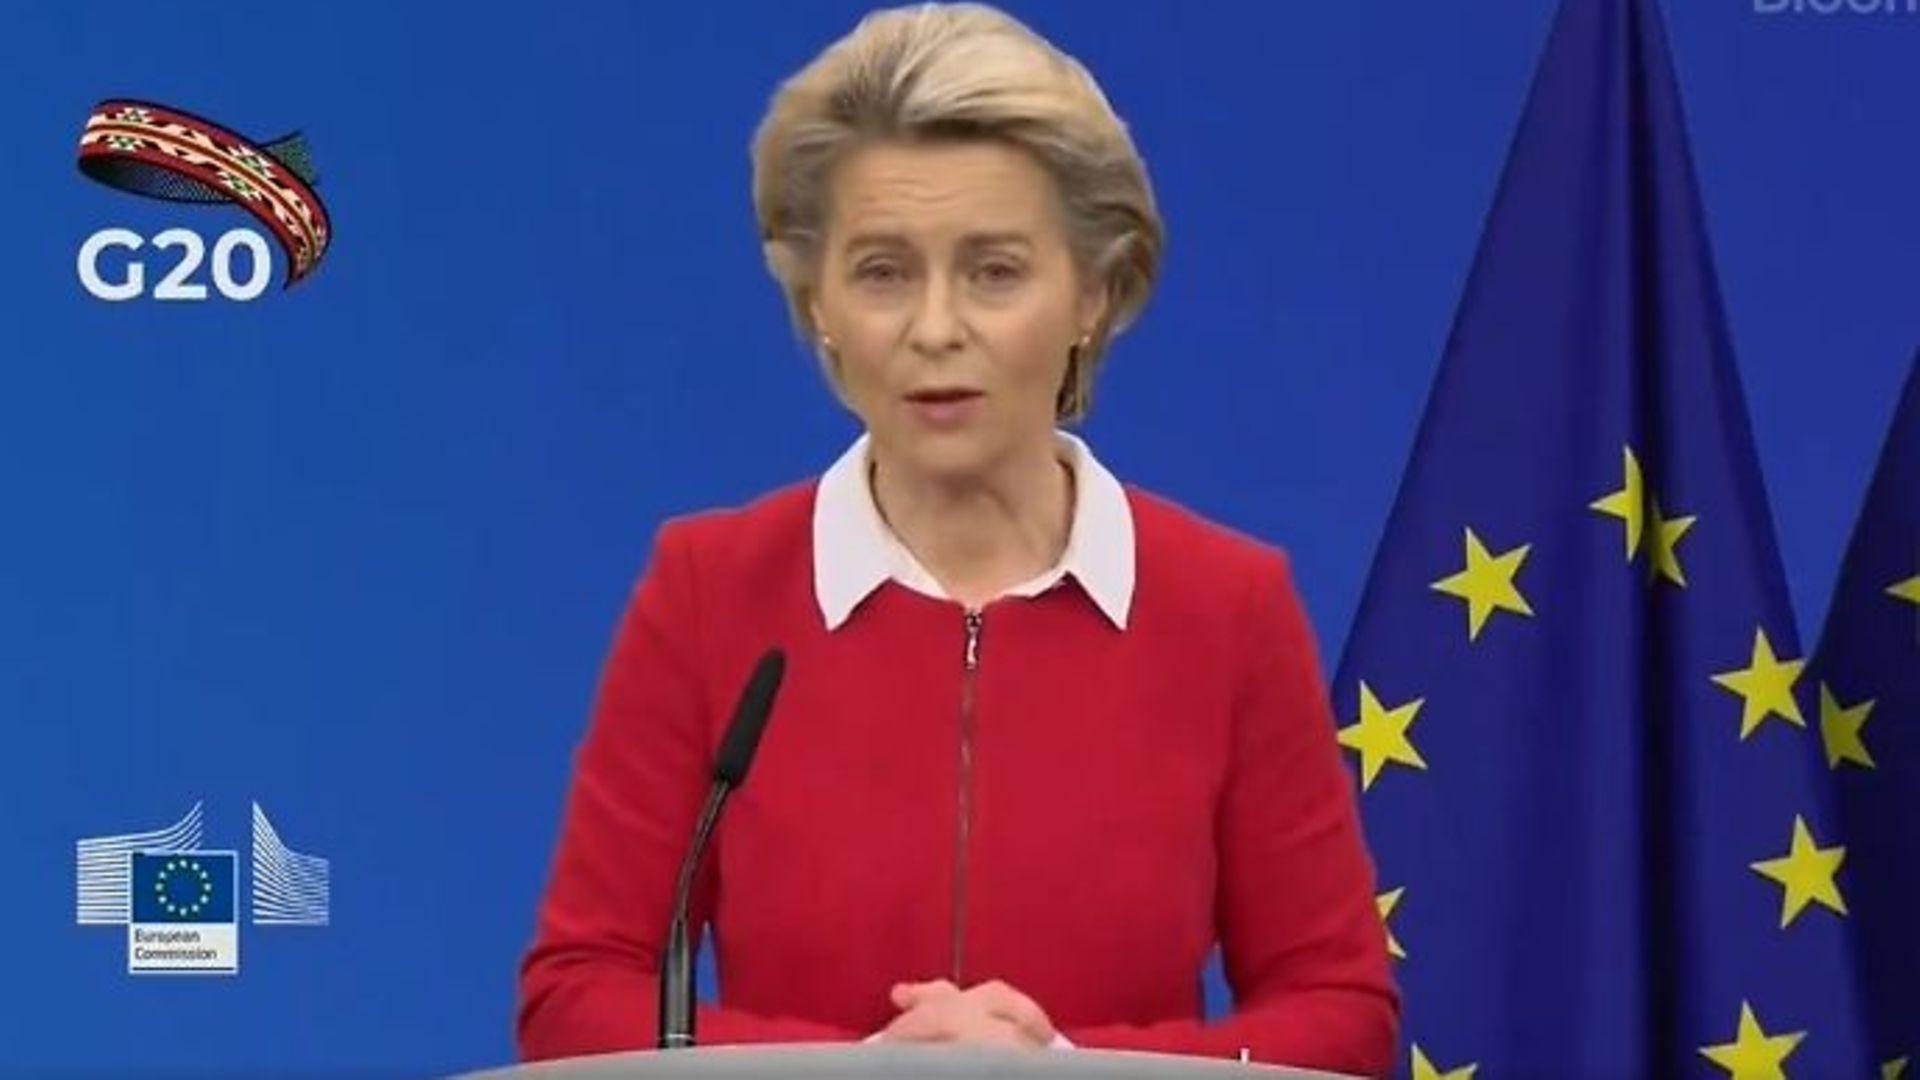 EU Commission president Ursula von der Leyen - Credit: Twitter